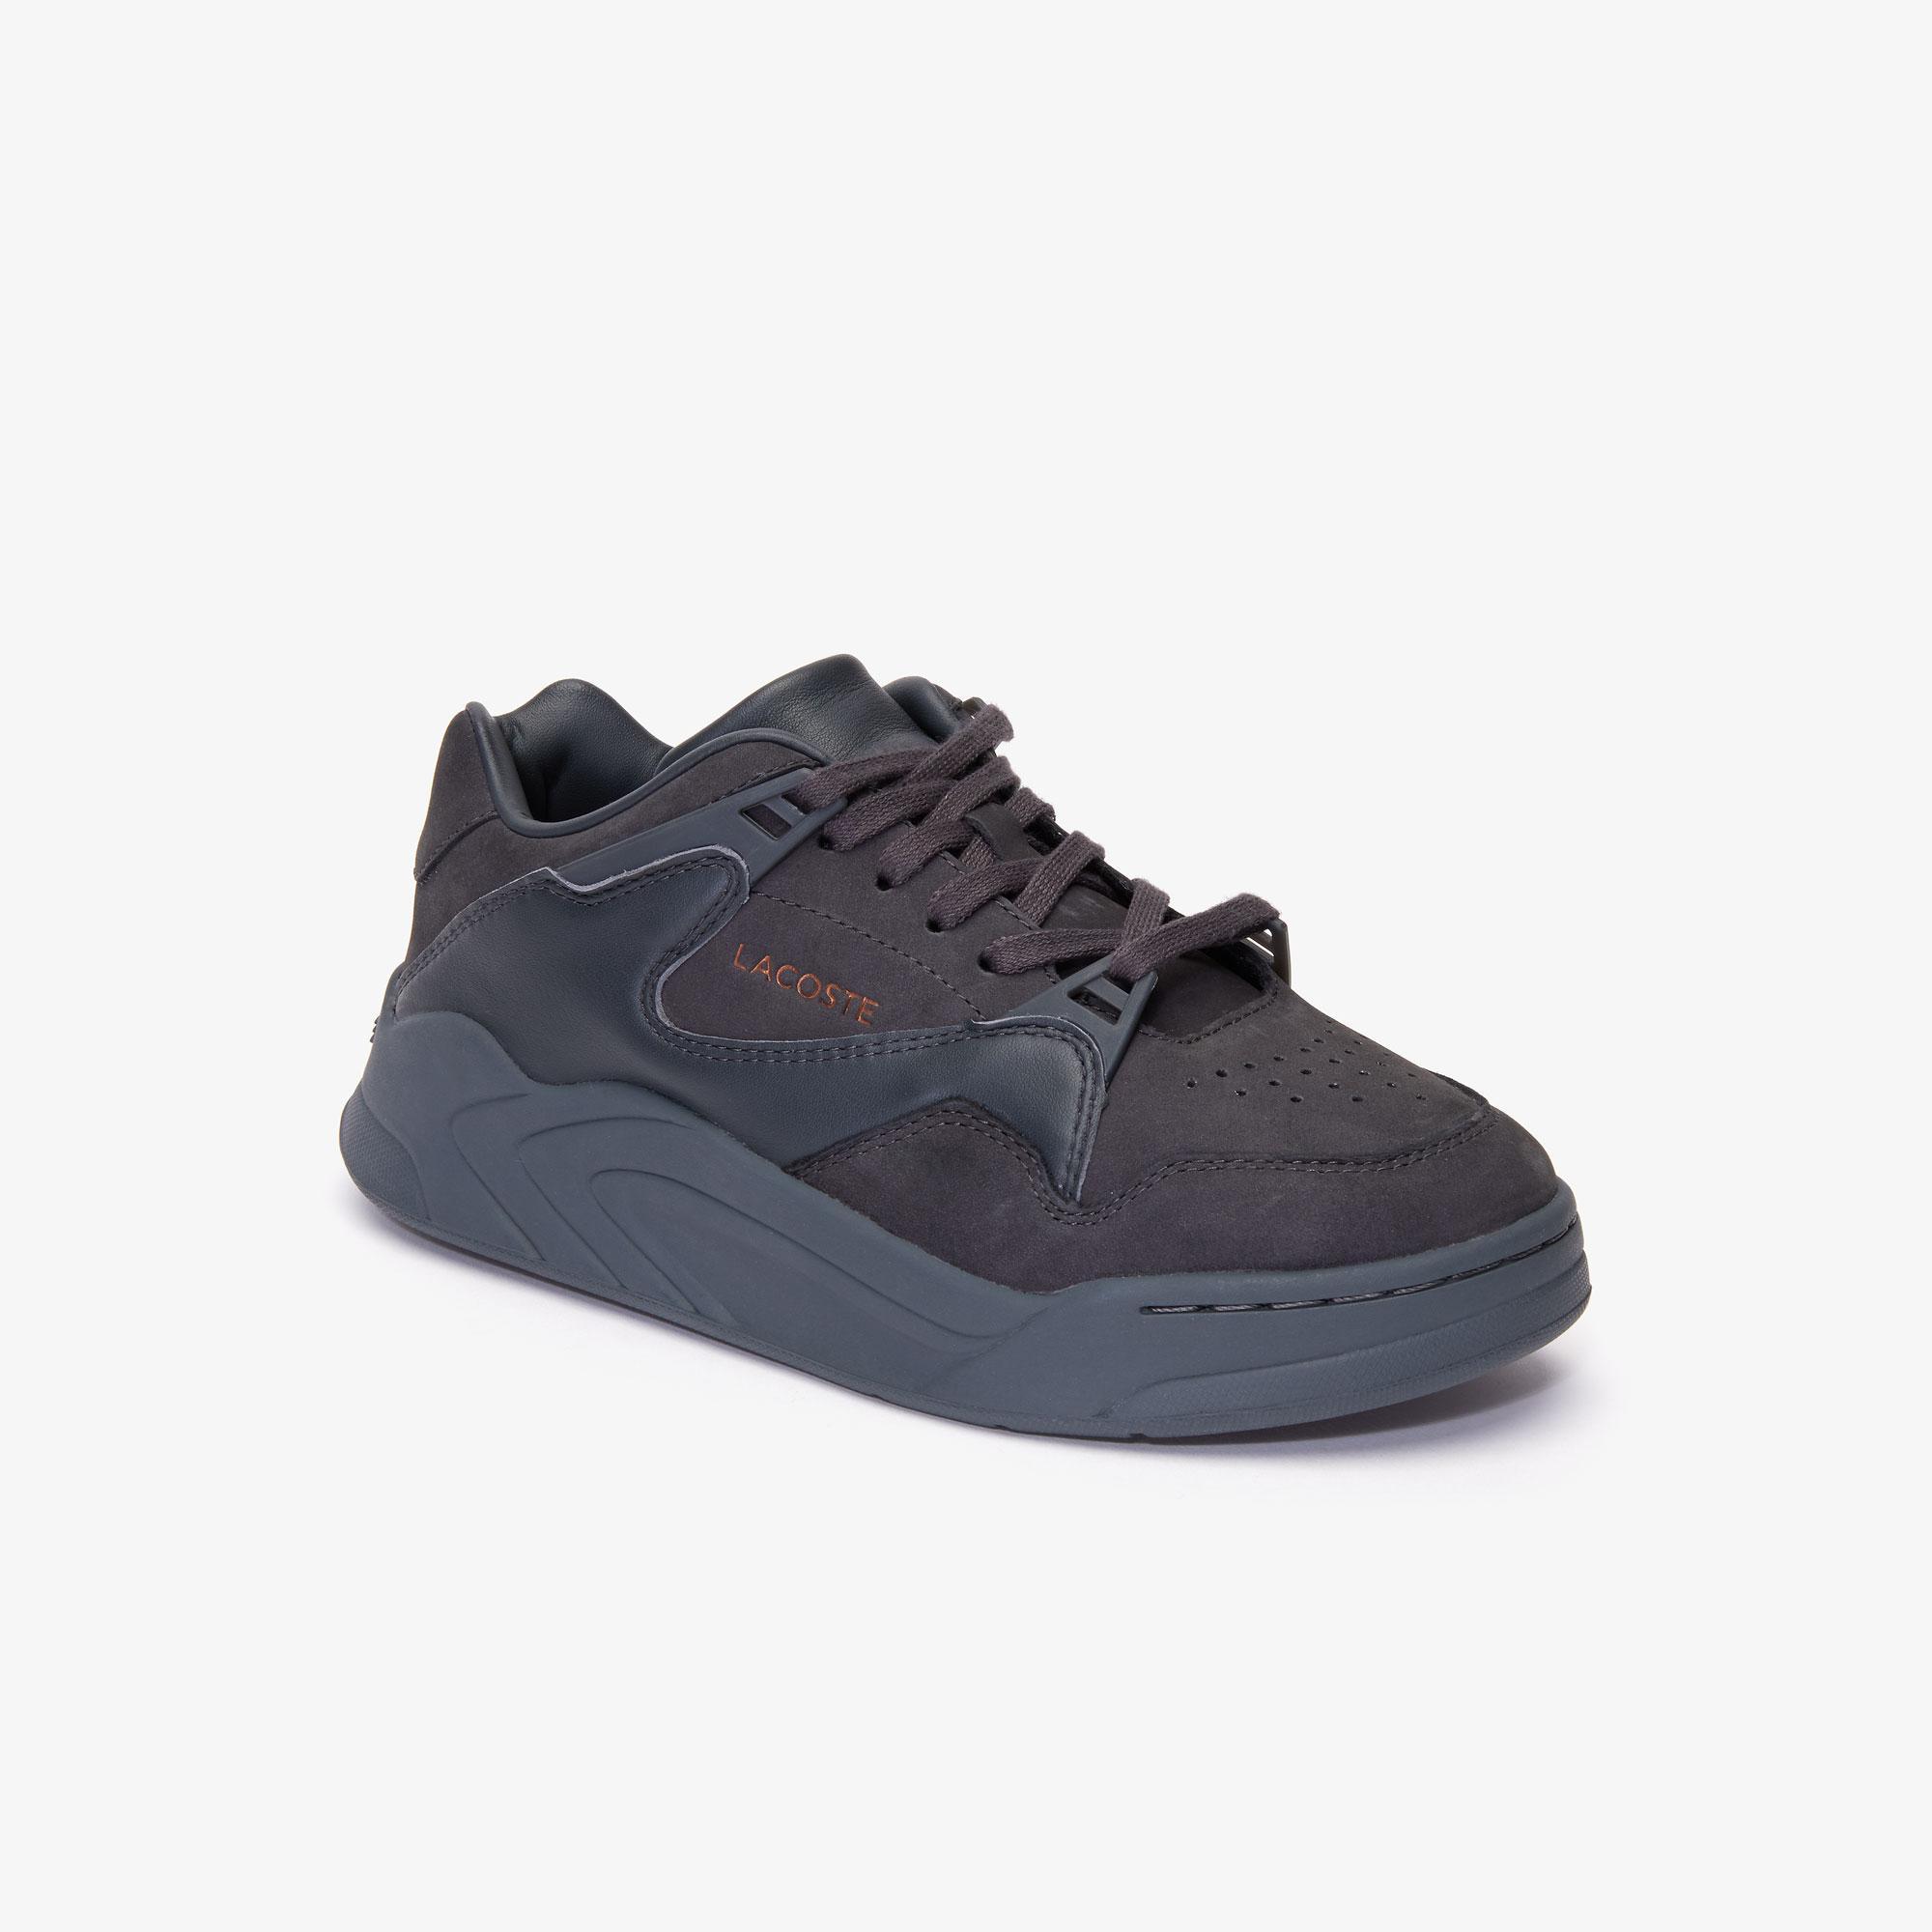 Lacoste Court Slam 419 1 Sfa Kadın Kahverengi - Koyu Gri Sneaker